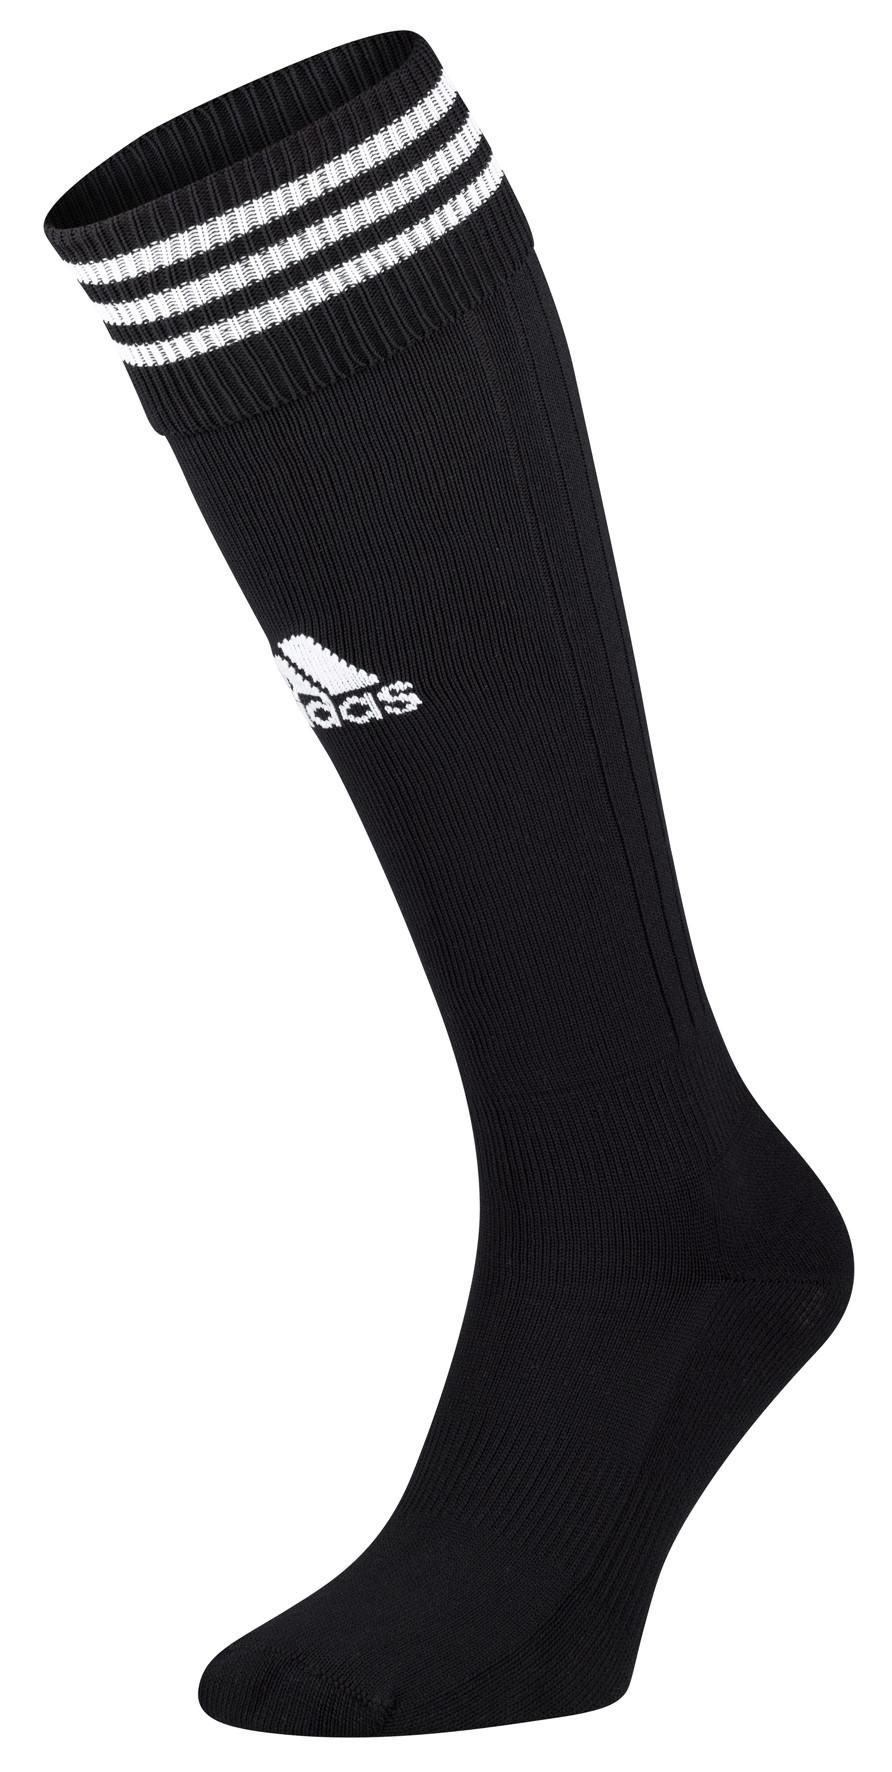 Adidas AdiSOCK Black White